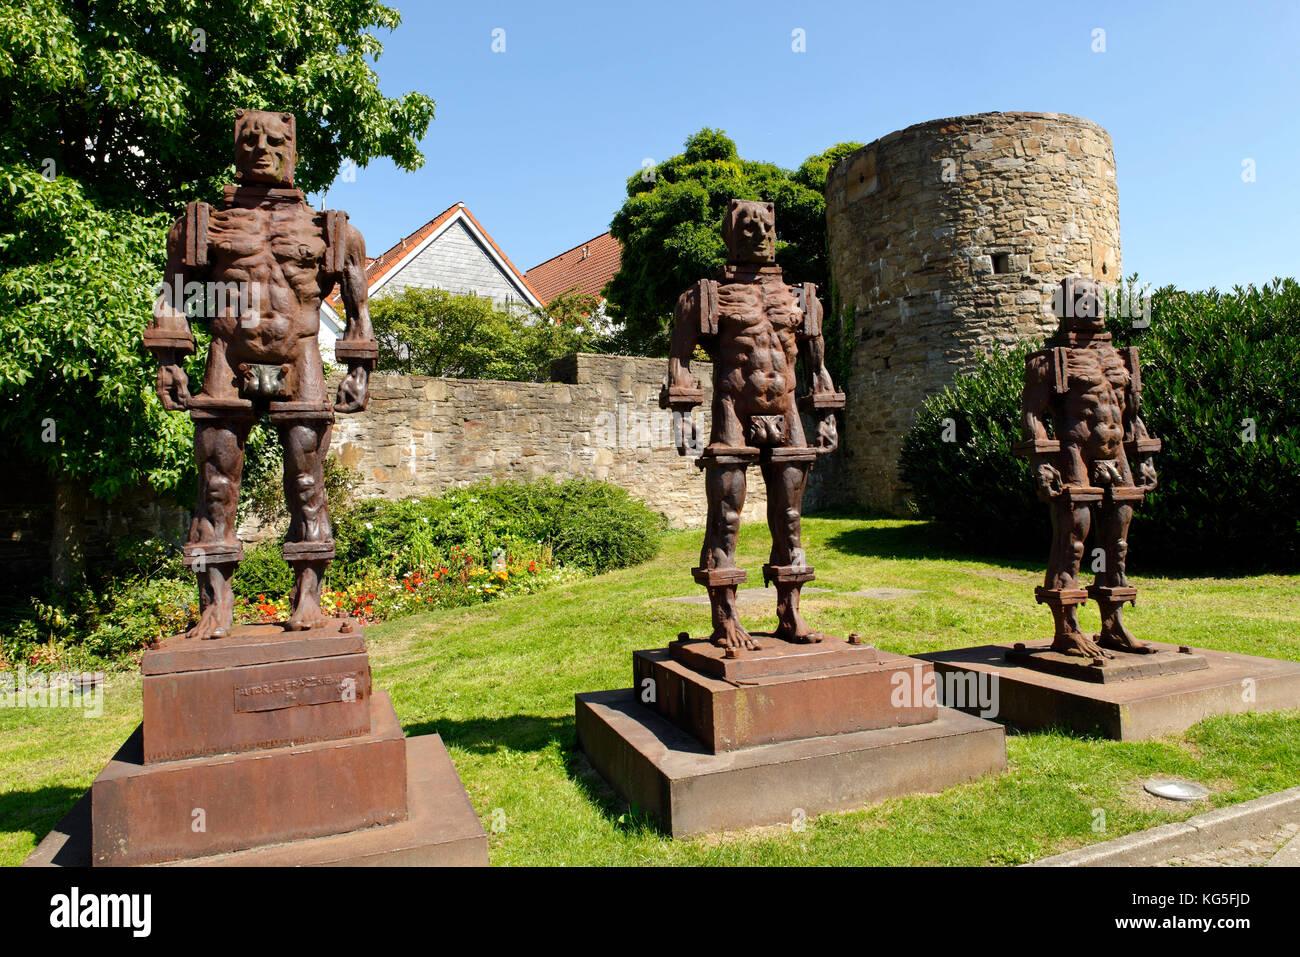 City wall Hattingen with 'Menschen aus Eisen' / three iron men (statues), Hattingen, North Rhine-Westphalia, - Stock Image